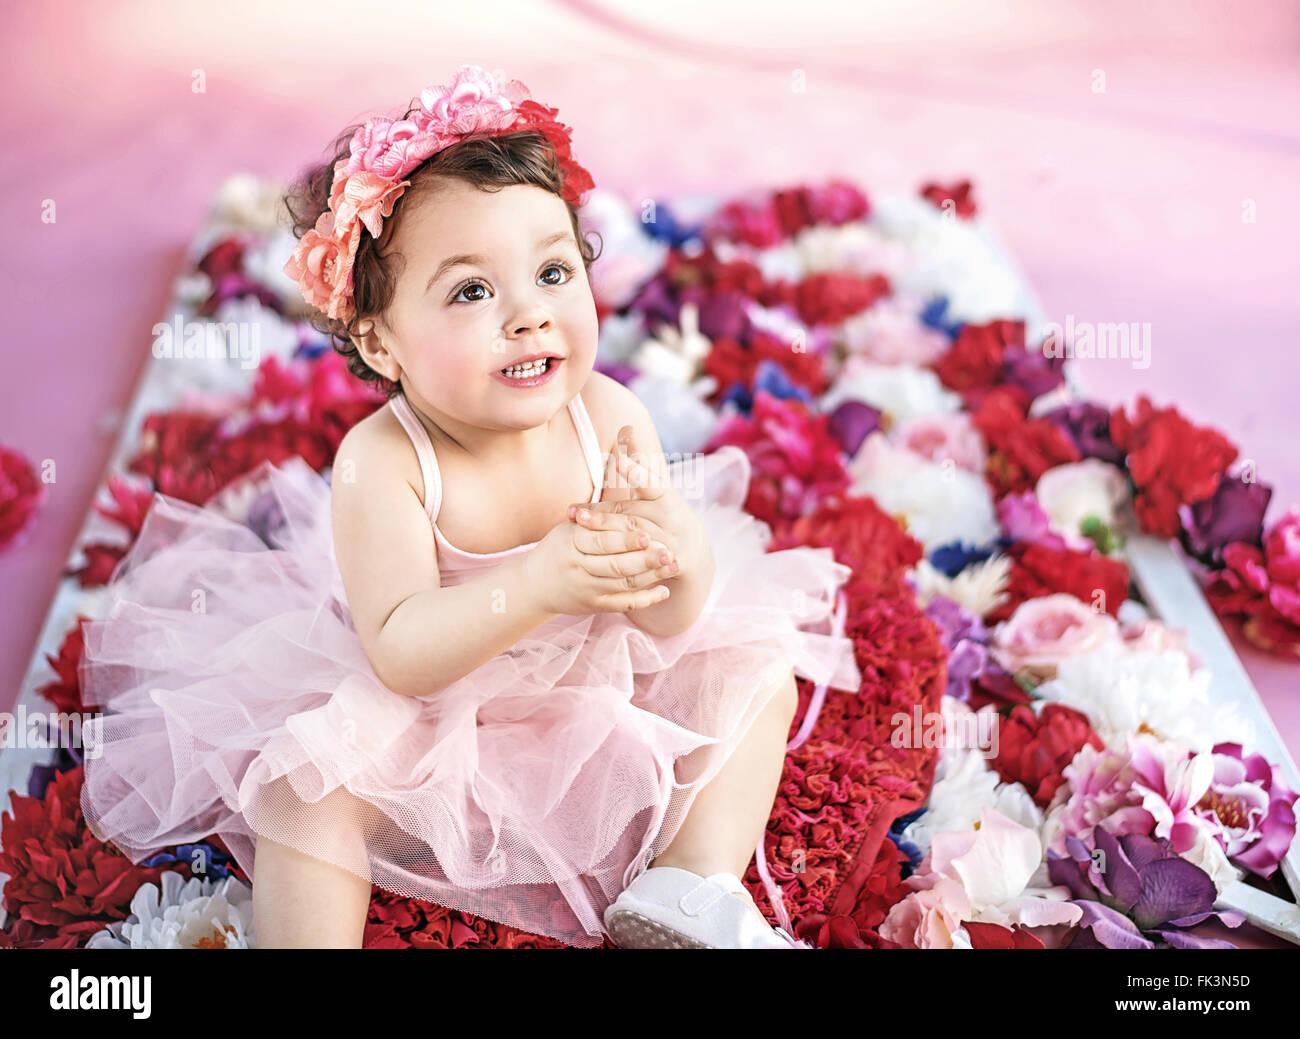 Niedliche Mädchen sitzen auf einem Blumenstrauß Stockbild